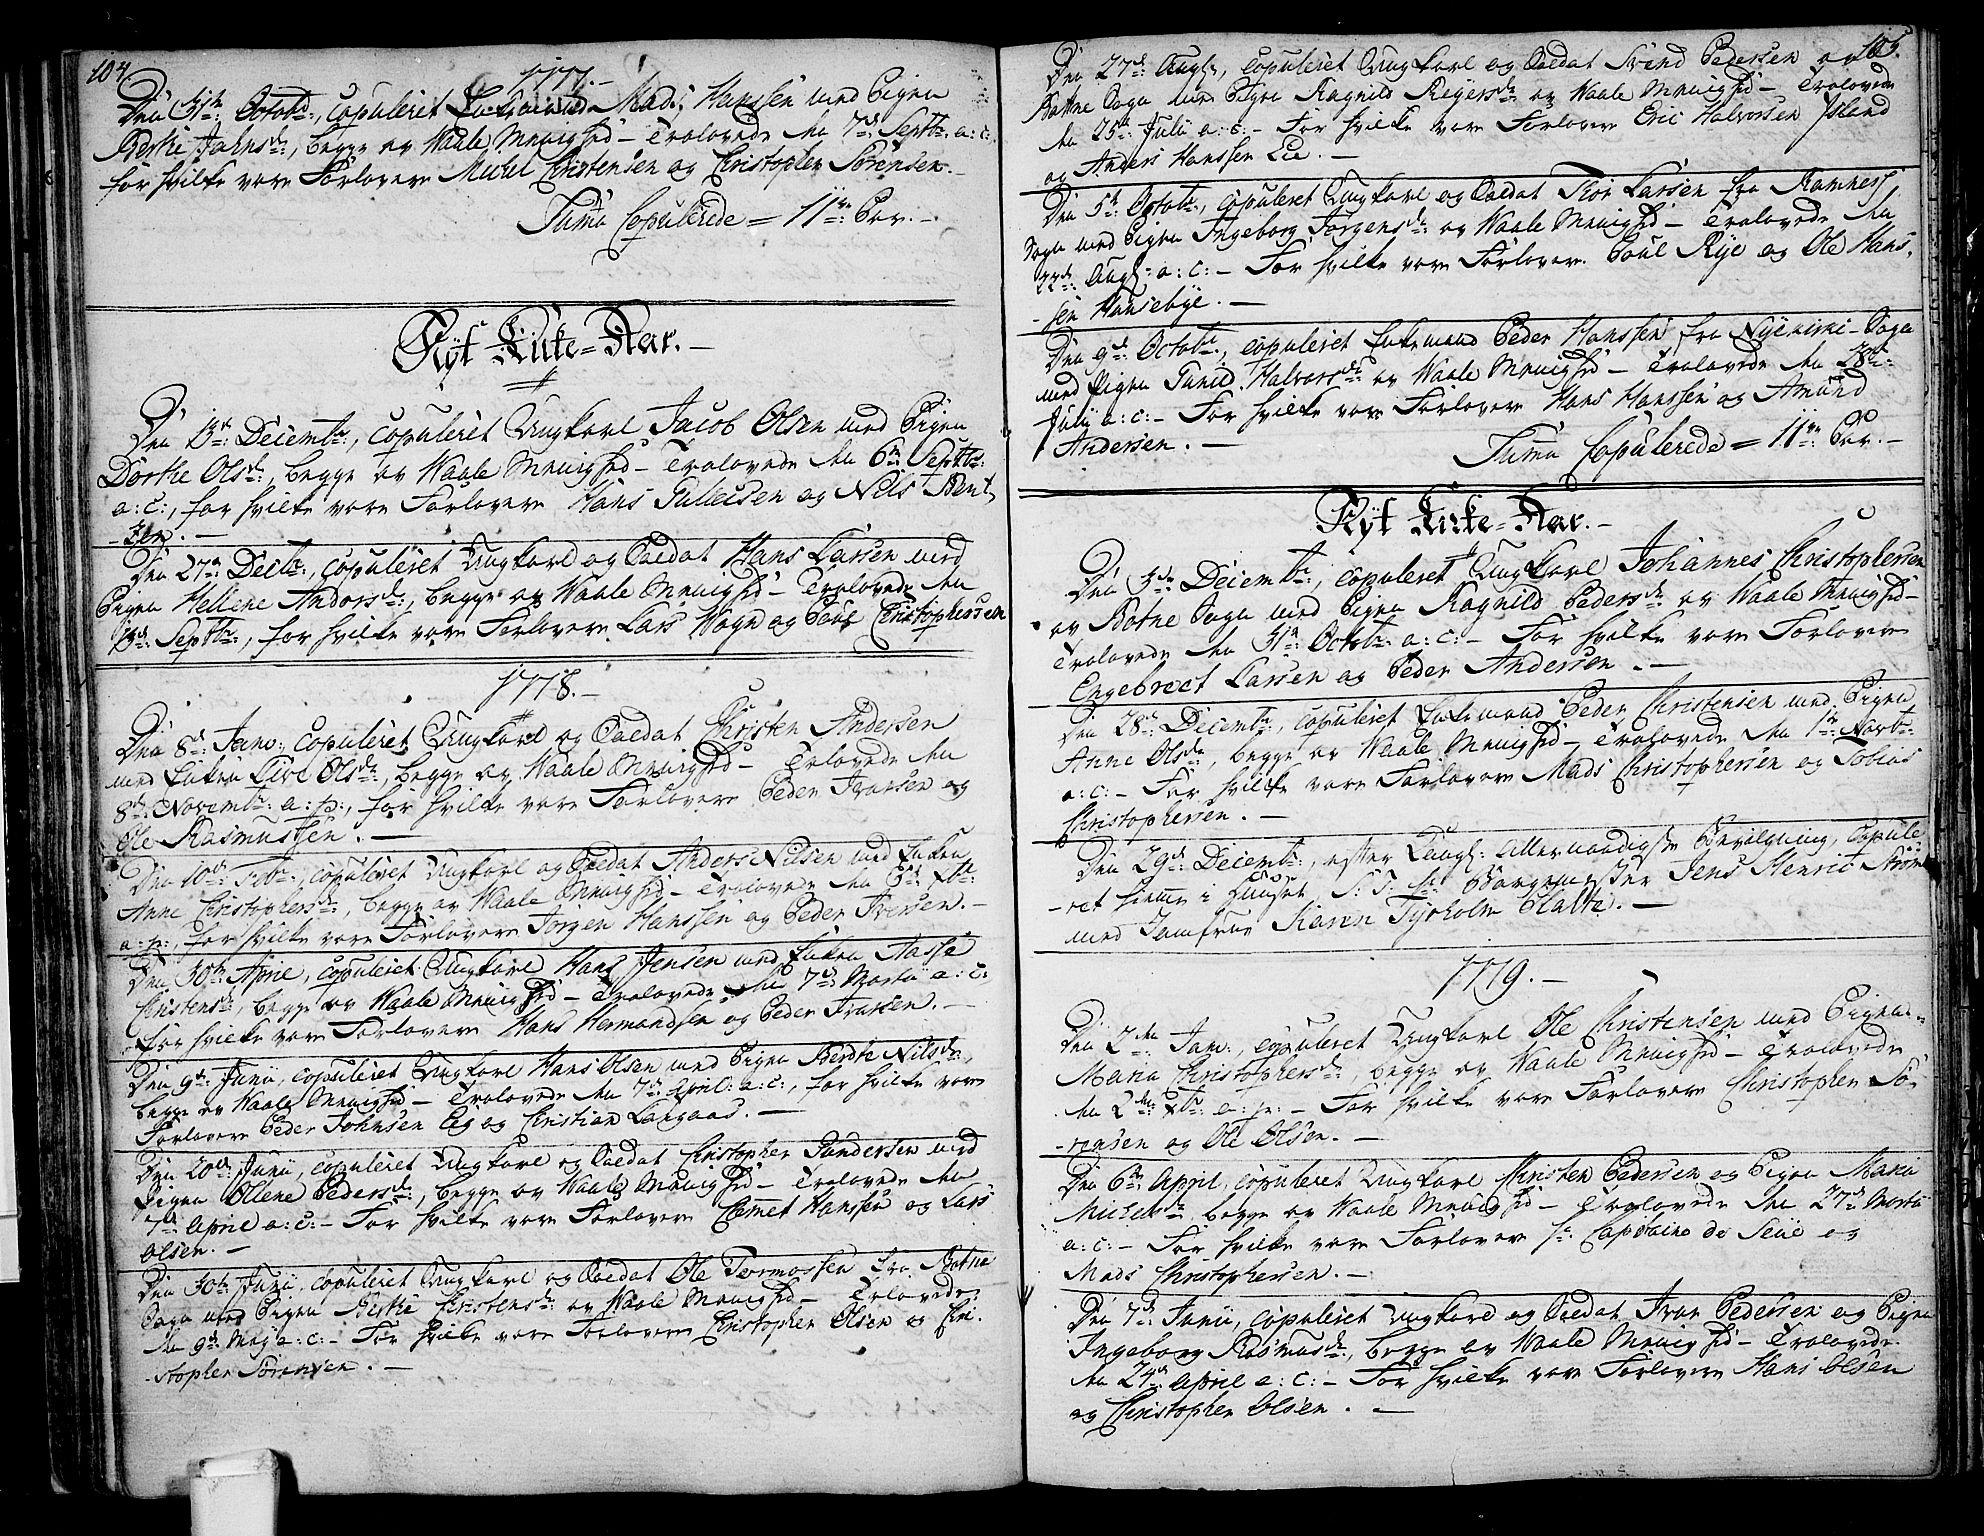 SAKO, Våle kirkebøker, F/Fa/L0005: Ministerialbok nr. I 5, 1773-1808, s. 104-105